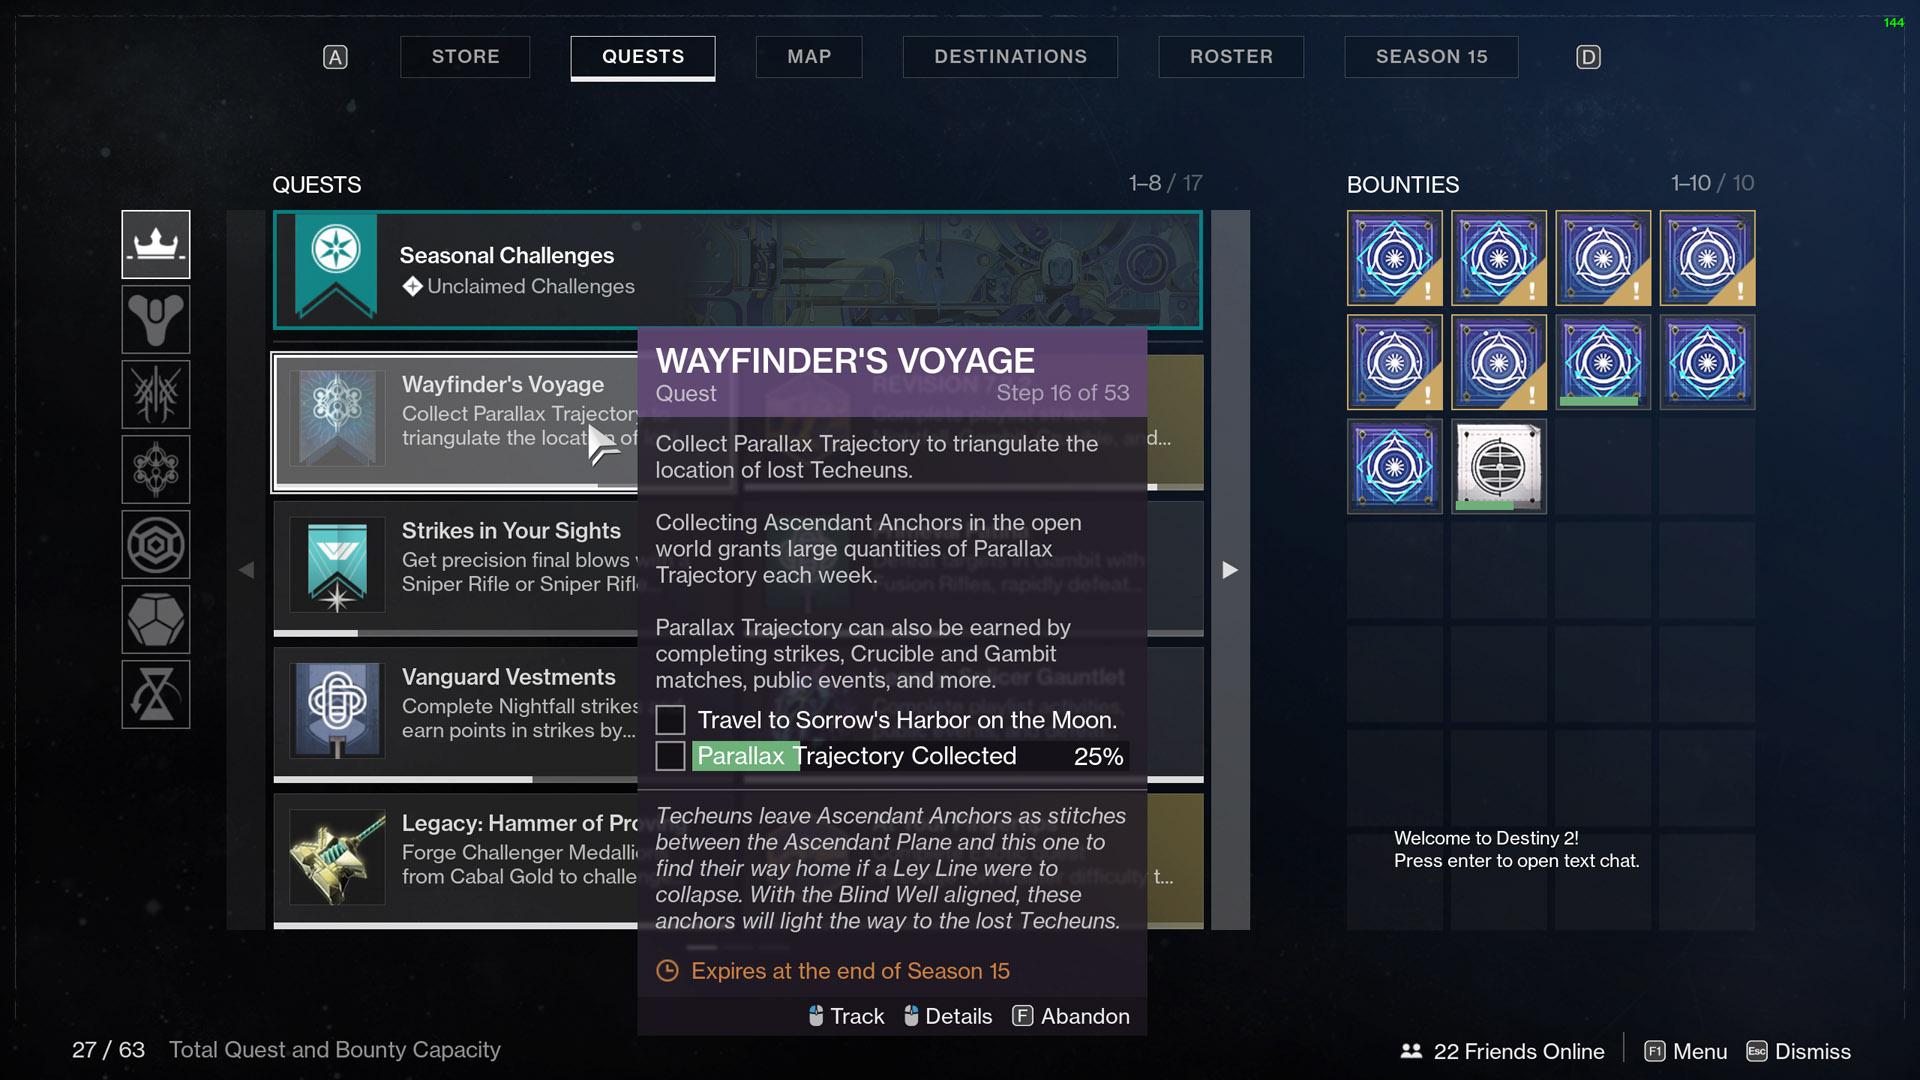 destiny 2 wayfinder's voyage part 3 moon sorrows harbor